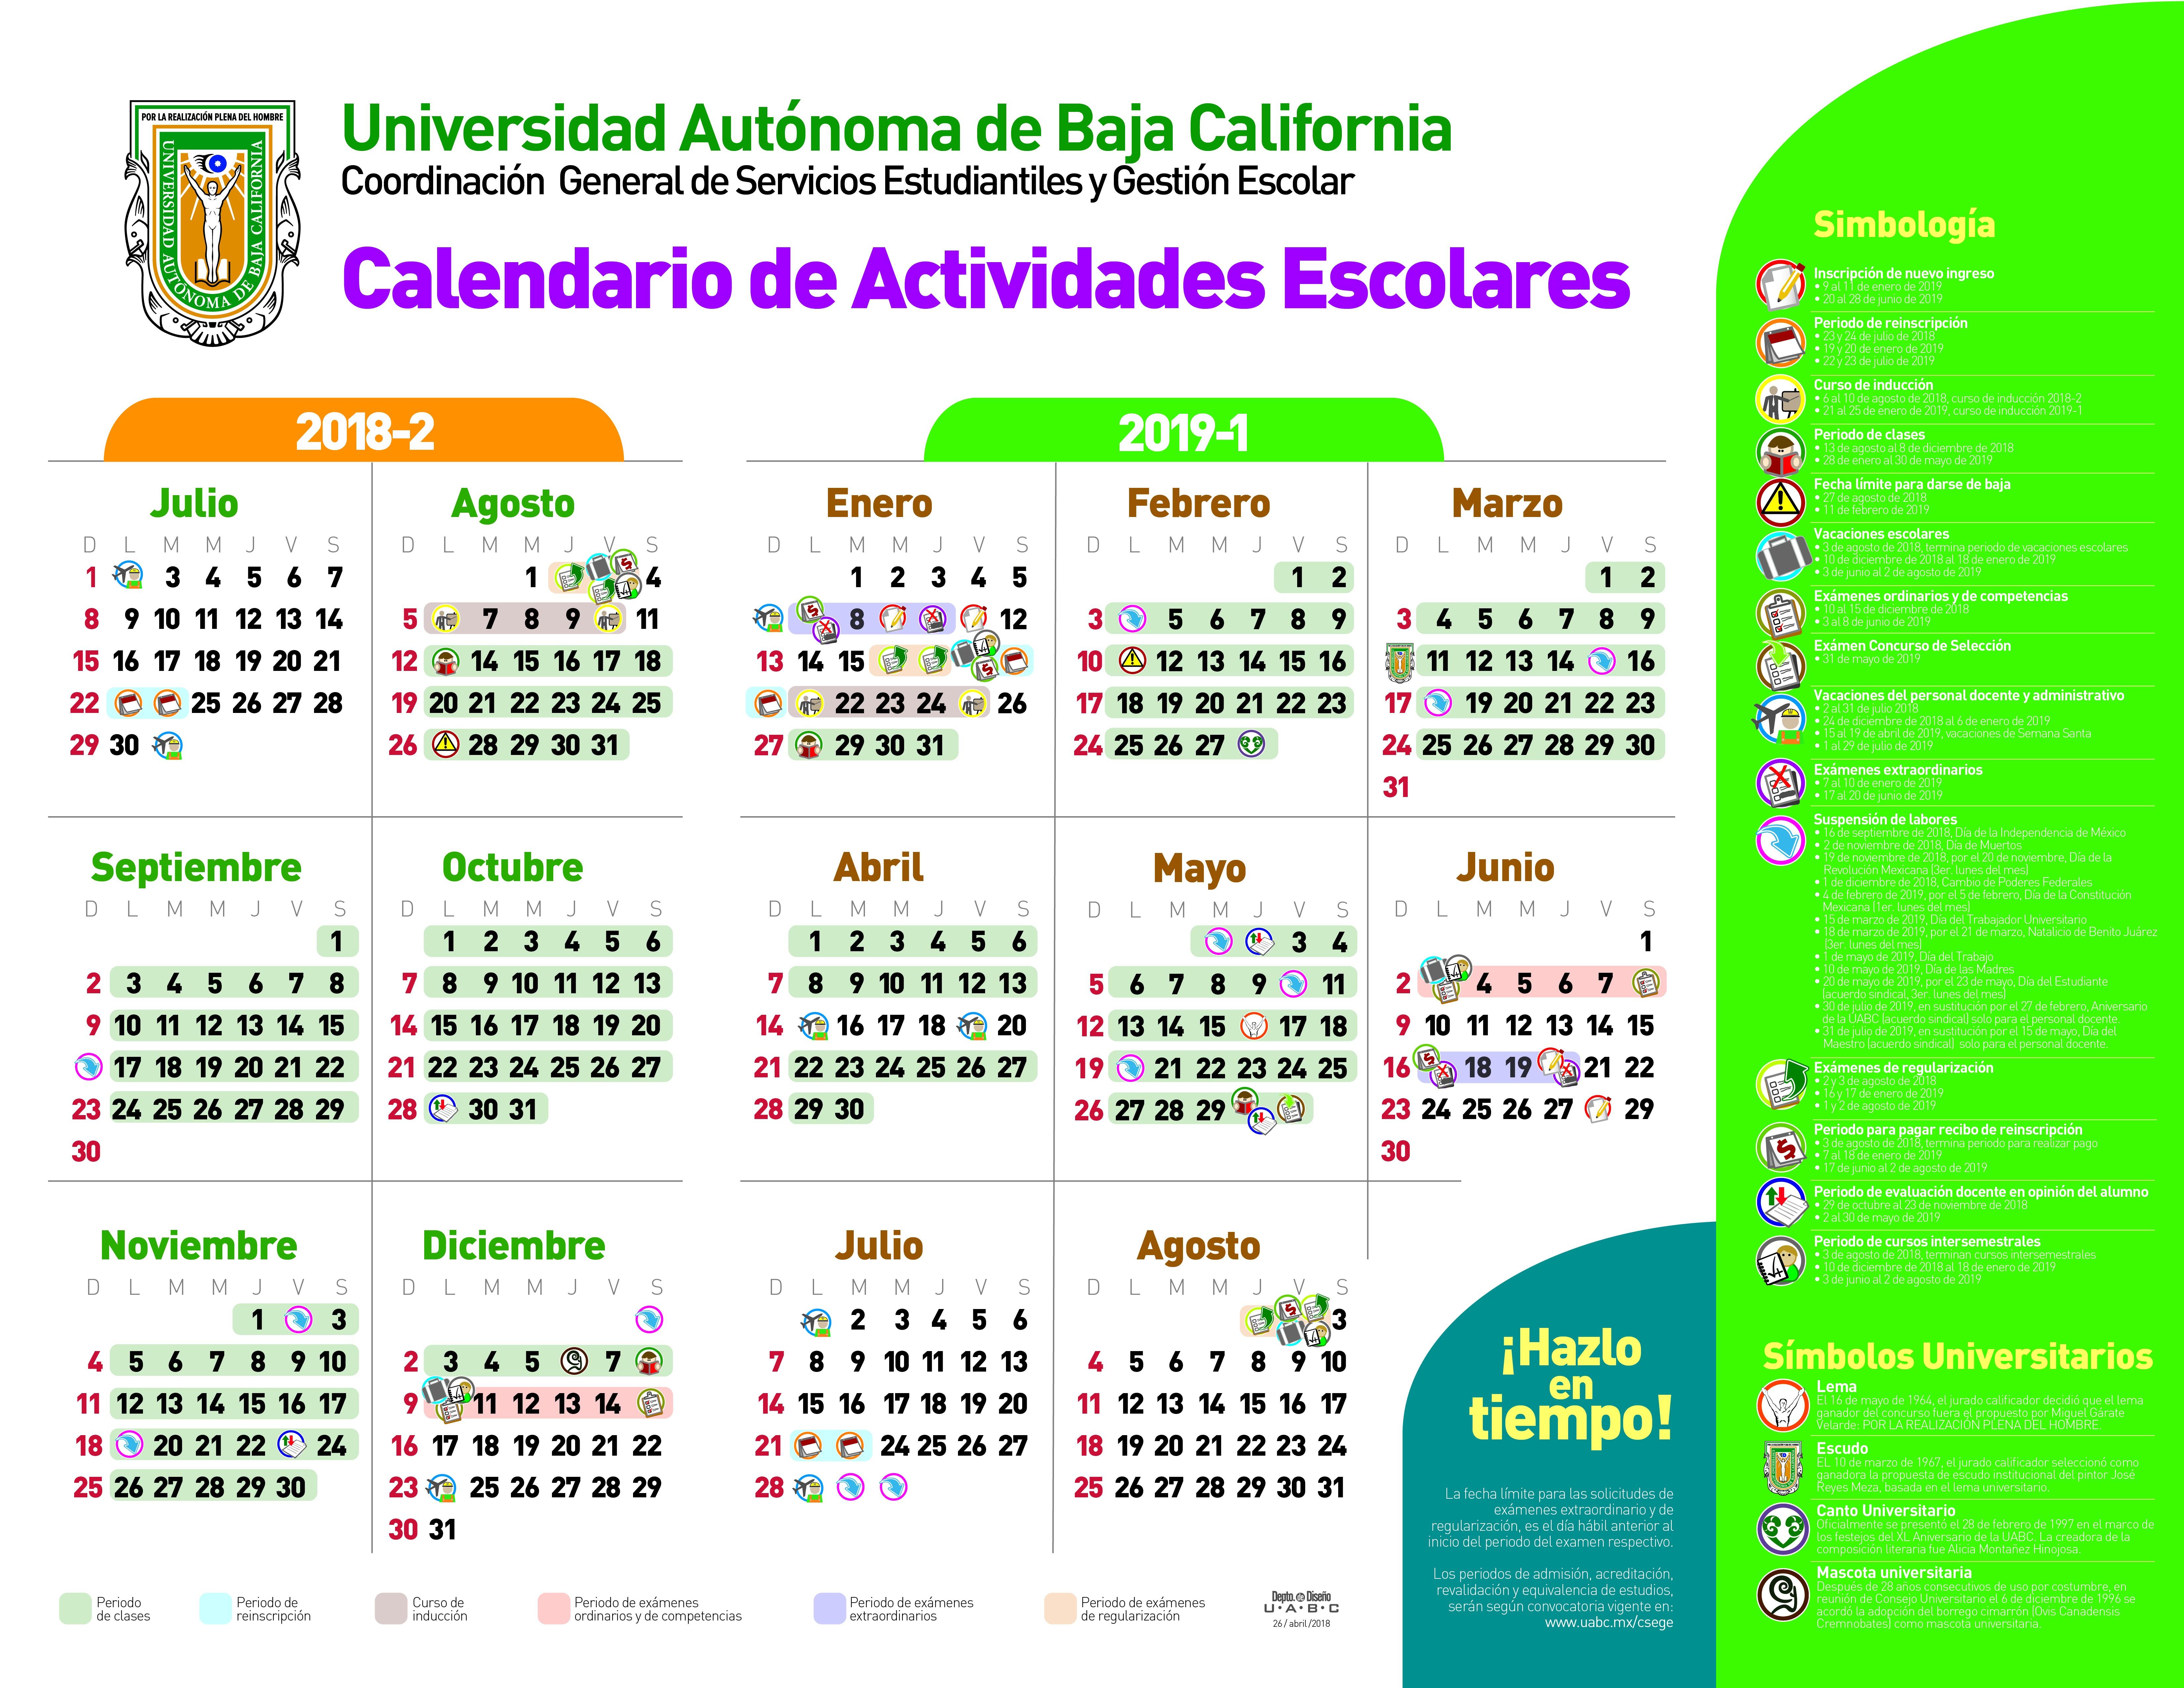 Calendario Escolar 2019 Baja California Recientes Unidad De Ciencias De La Salud Of Calendario Escolar 2019 Baja California Mejores Y Más Novedosos Universidad Aut³noma De Baja California Sur